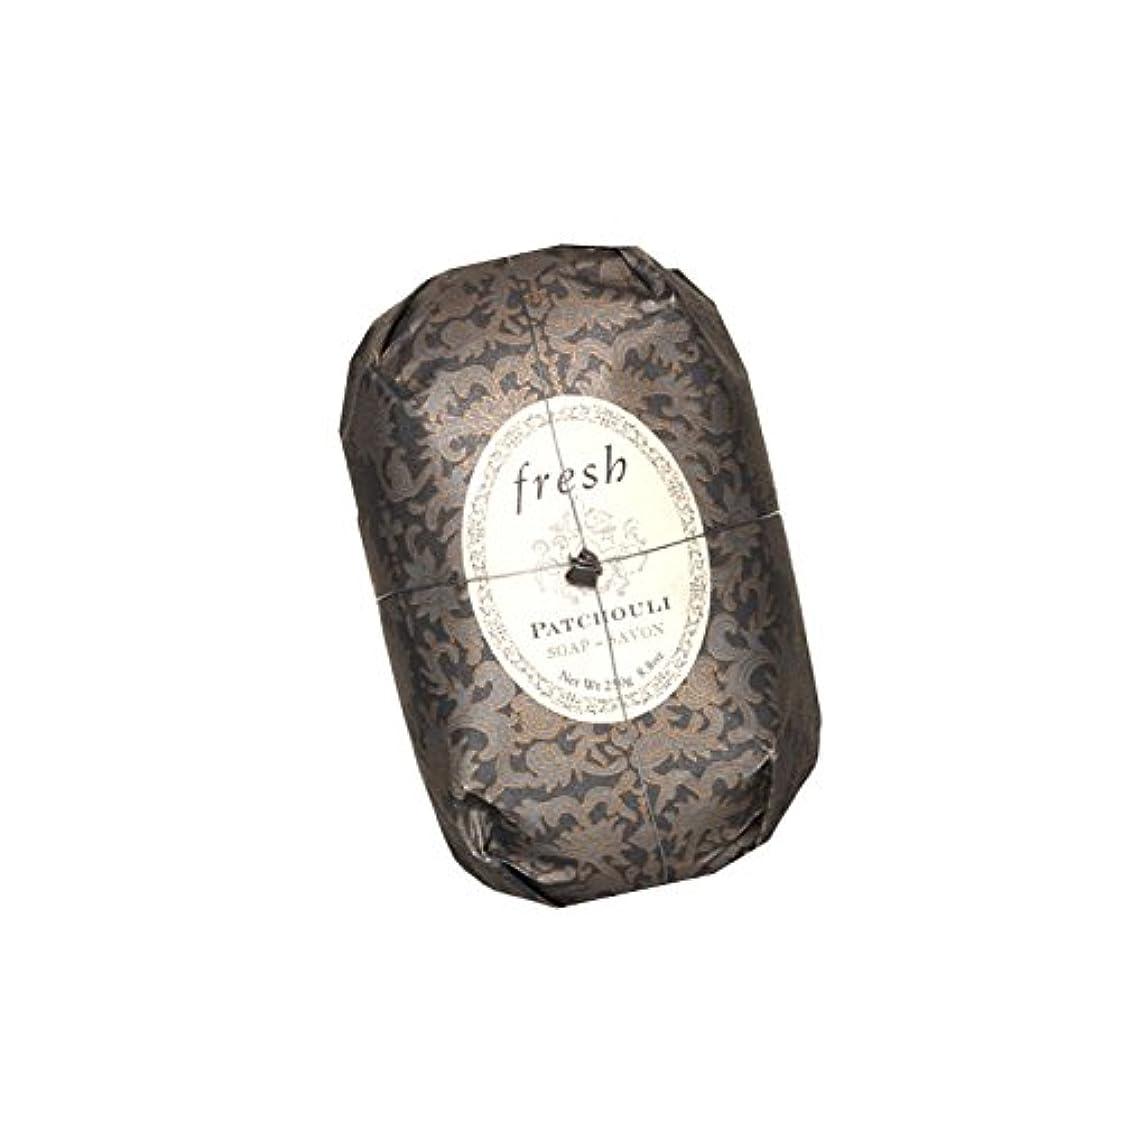 広告する花火ランドマークFresh フレッシュ Patchouli Soap 石鹸, 250g/8.8oz. [海外直送品] [並行輸入品]